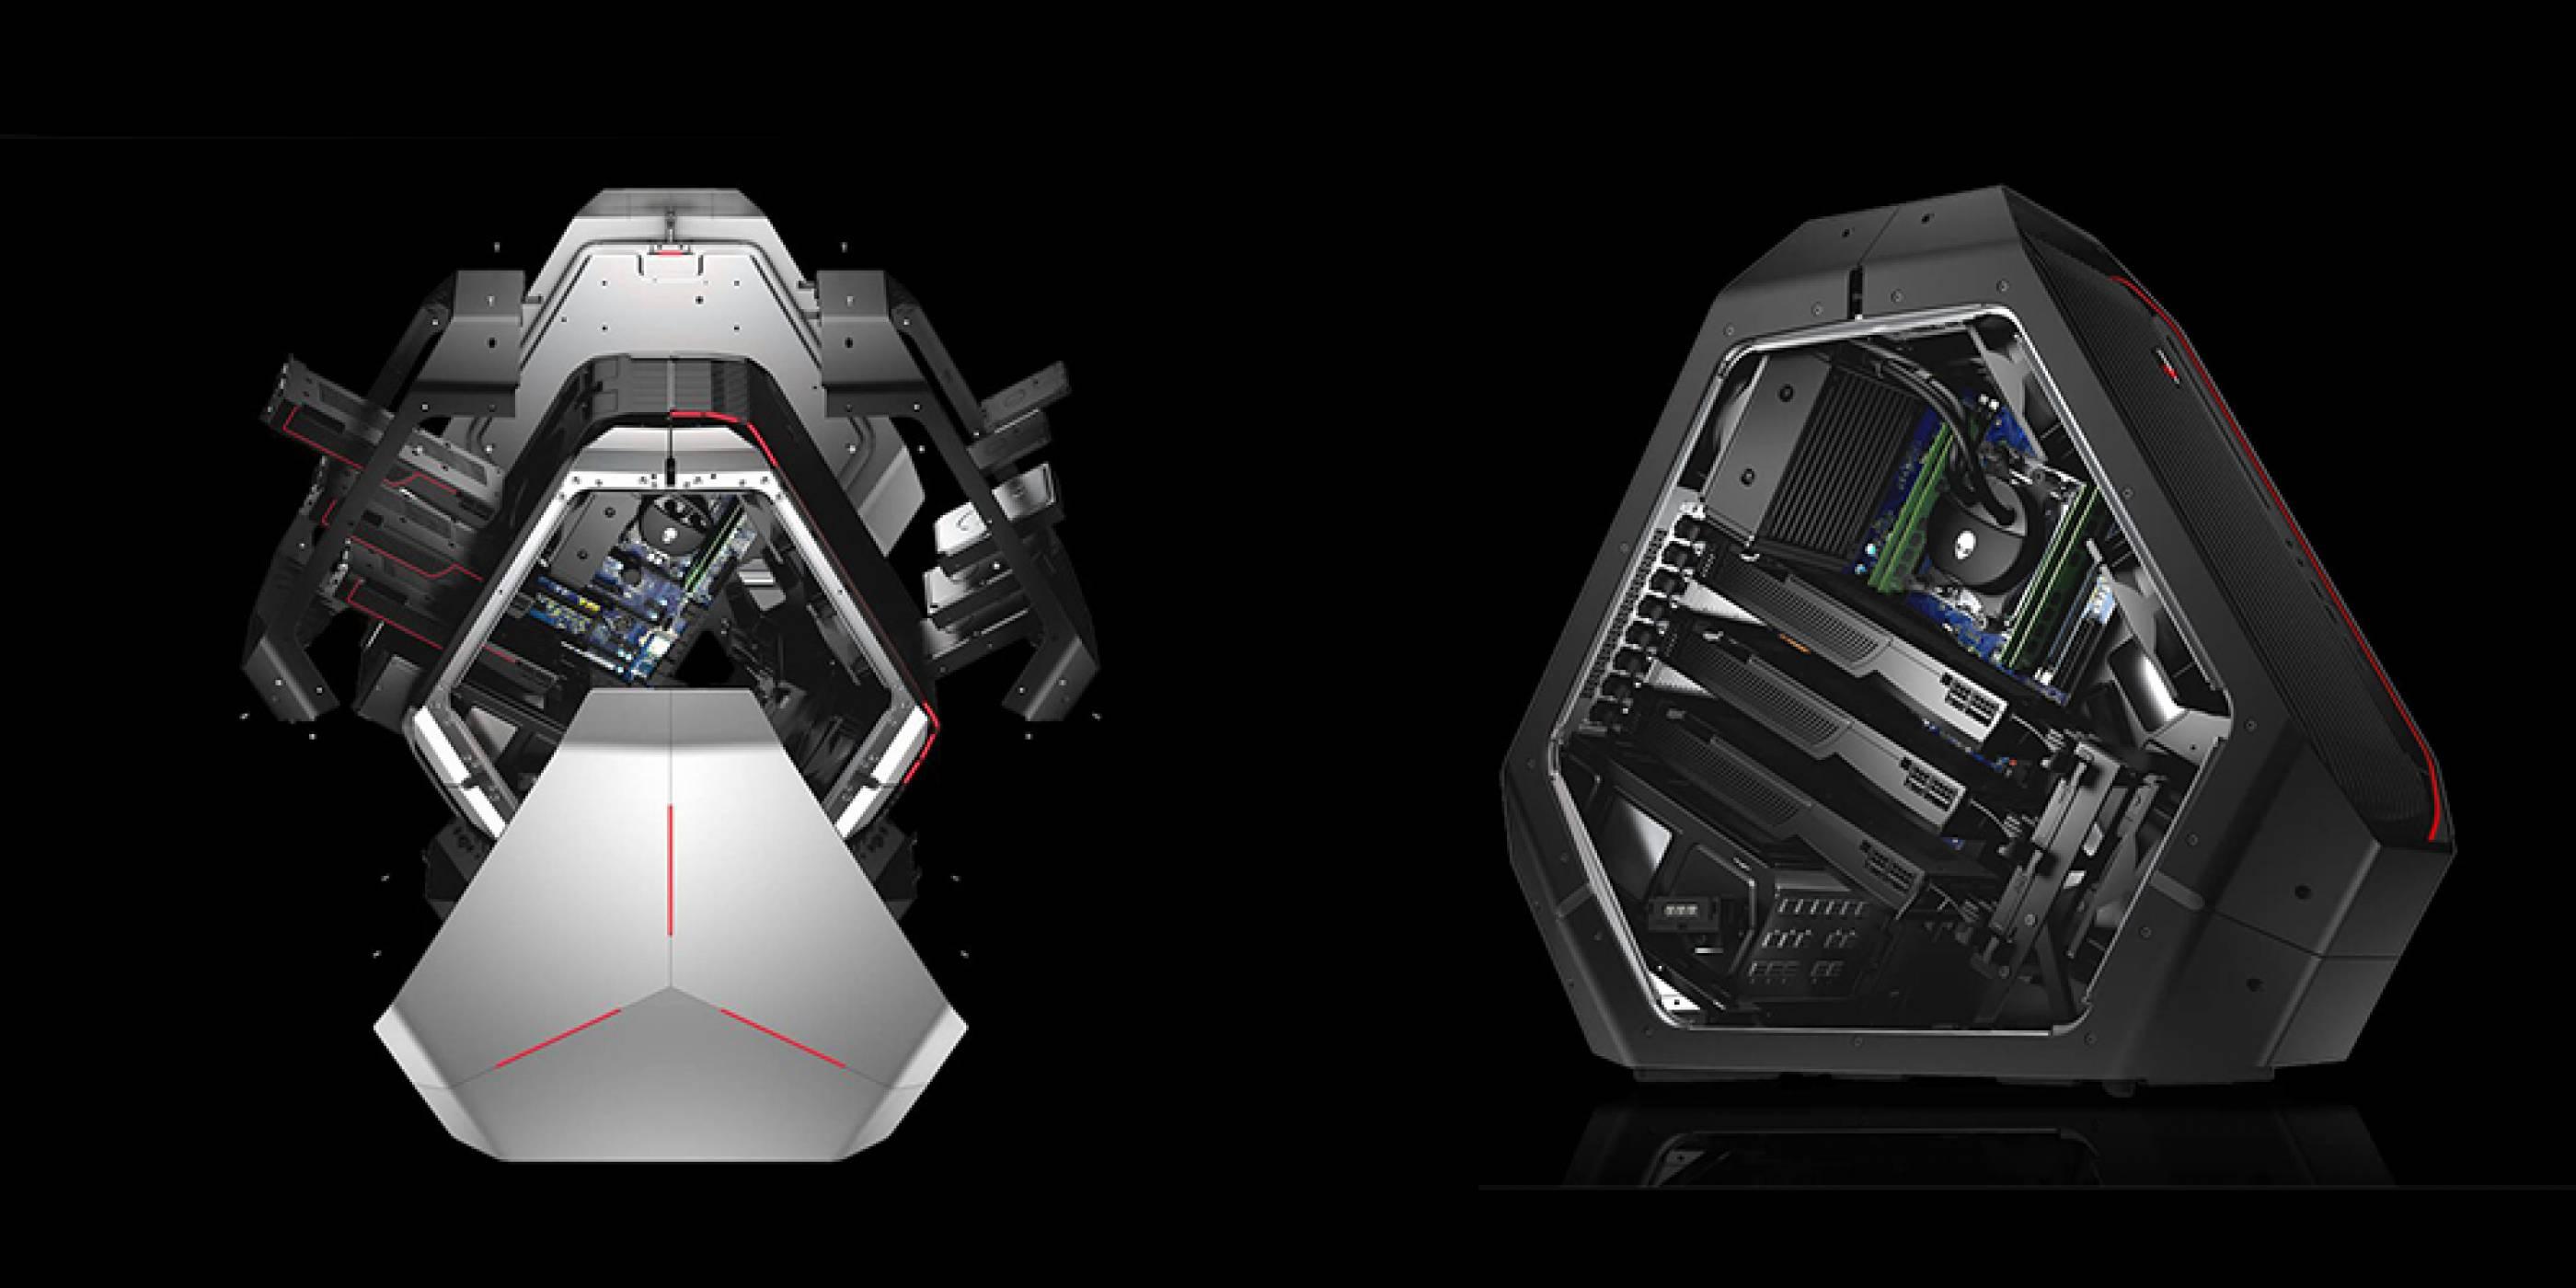 Alienware представи новия си геймърски компютър Area 51 с ново поколение Intel и AMD процесори